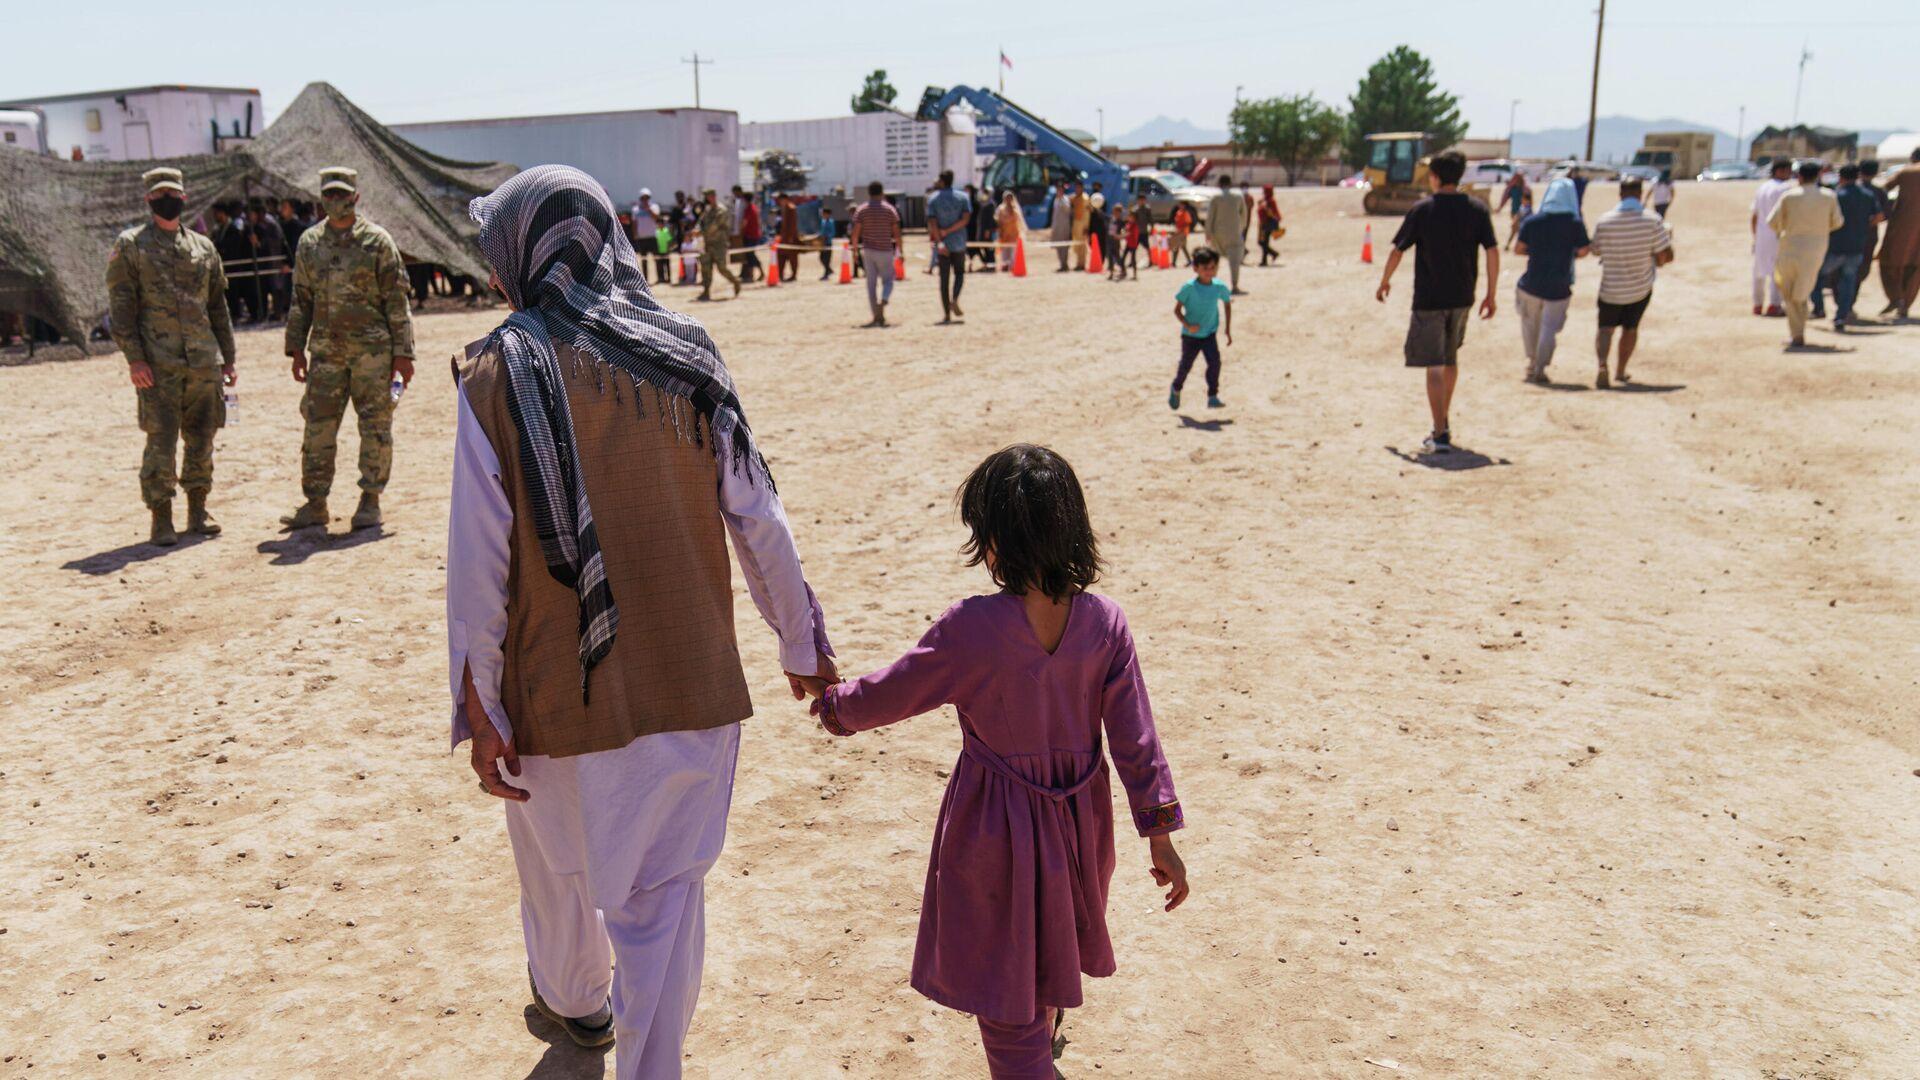 Афганский беженец гуляет с ребенком на территории военной базы в США - РИА Новости, 1920, 28.09.2021